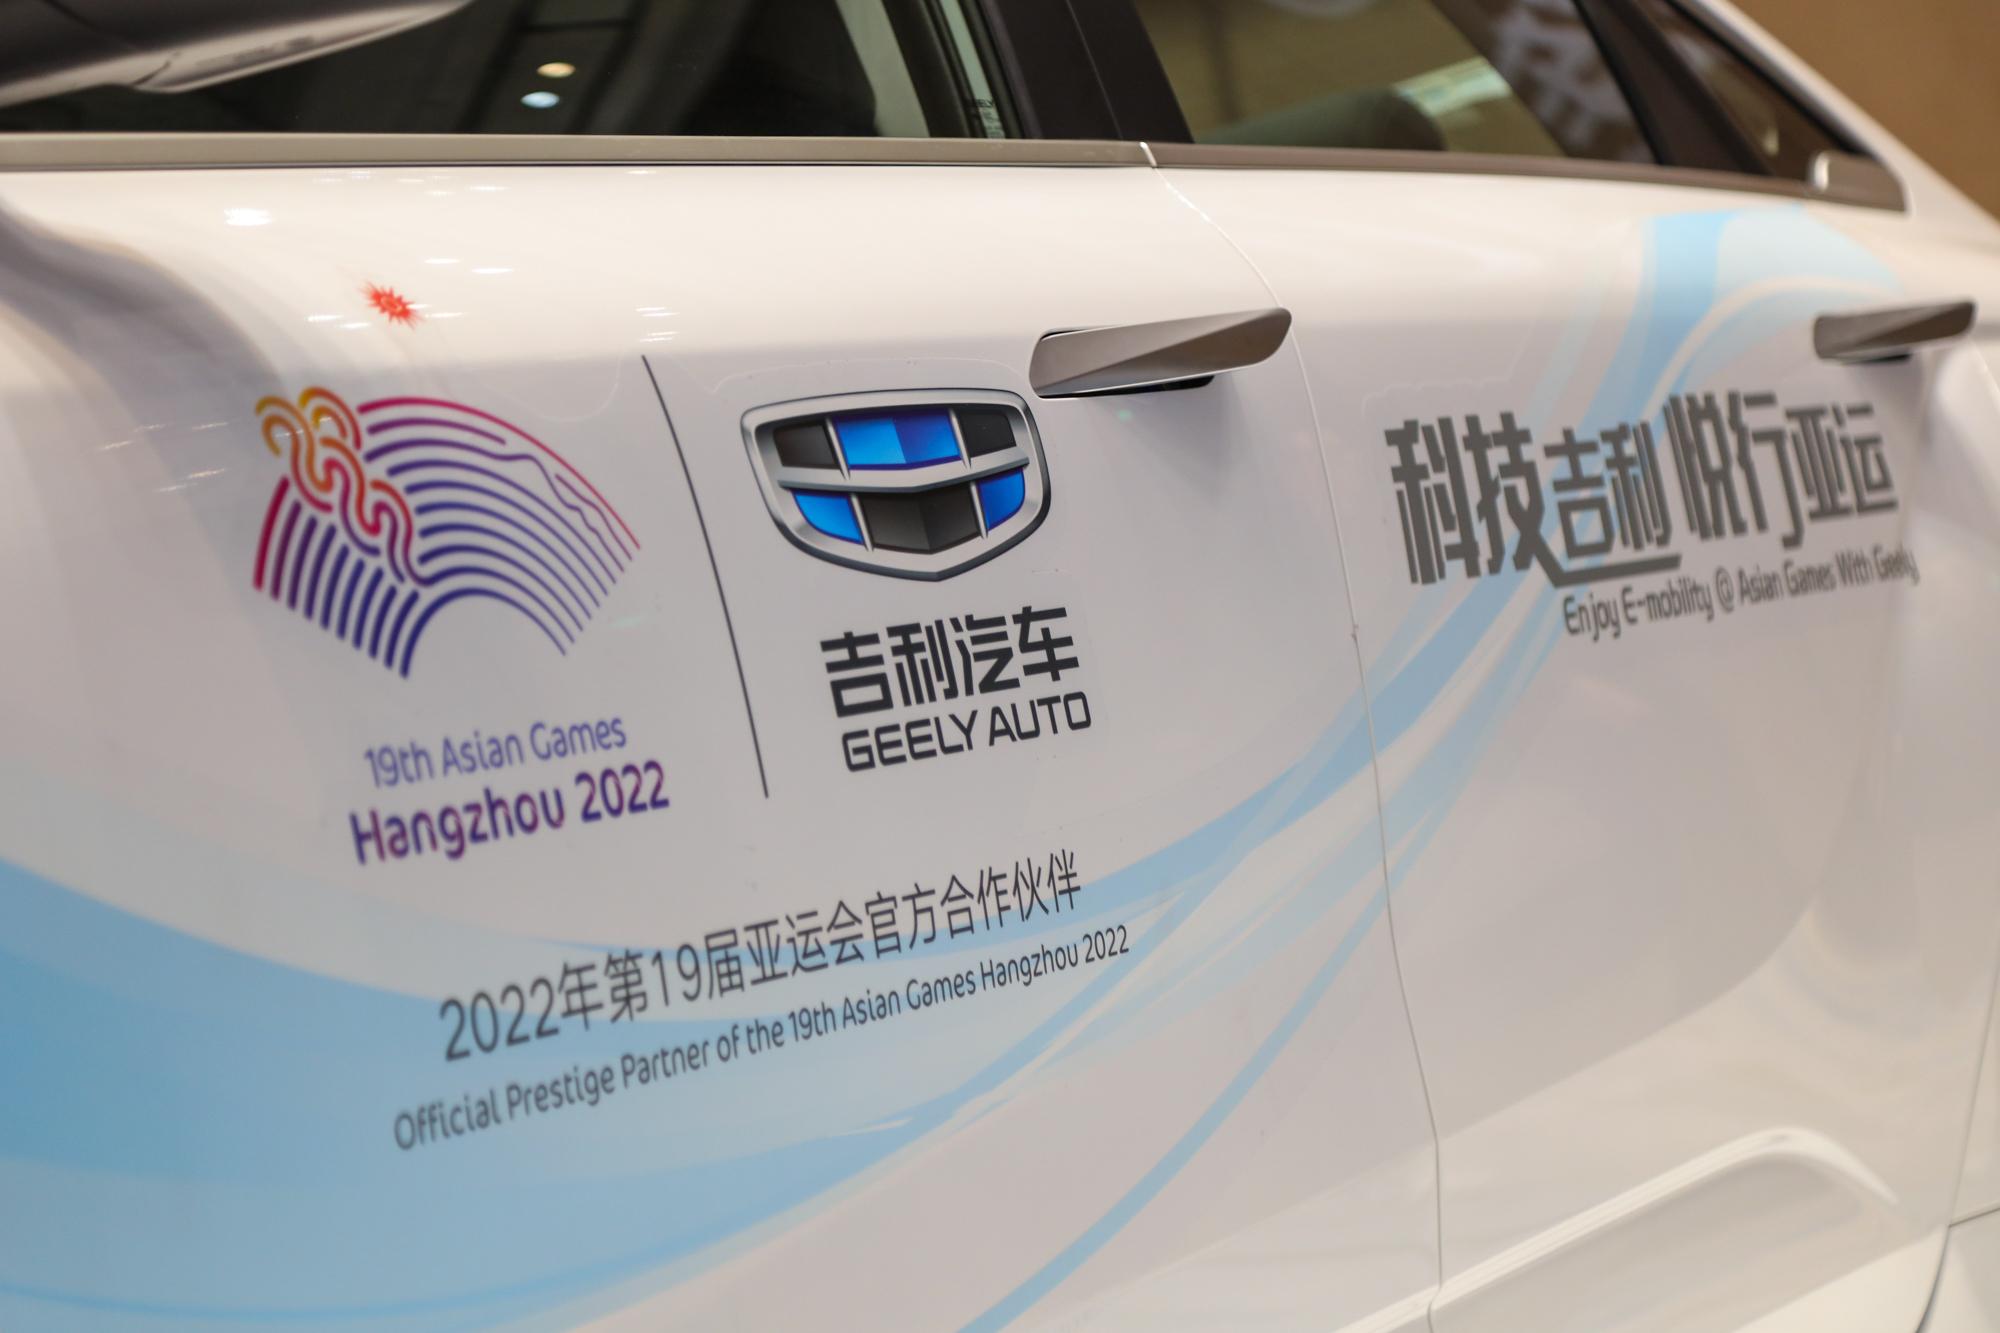 吉利成为杭州亚运会官方合作伙伴,2022年落地L5级自动驾驶 | 一线车讯